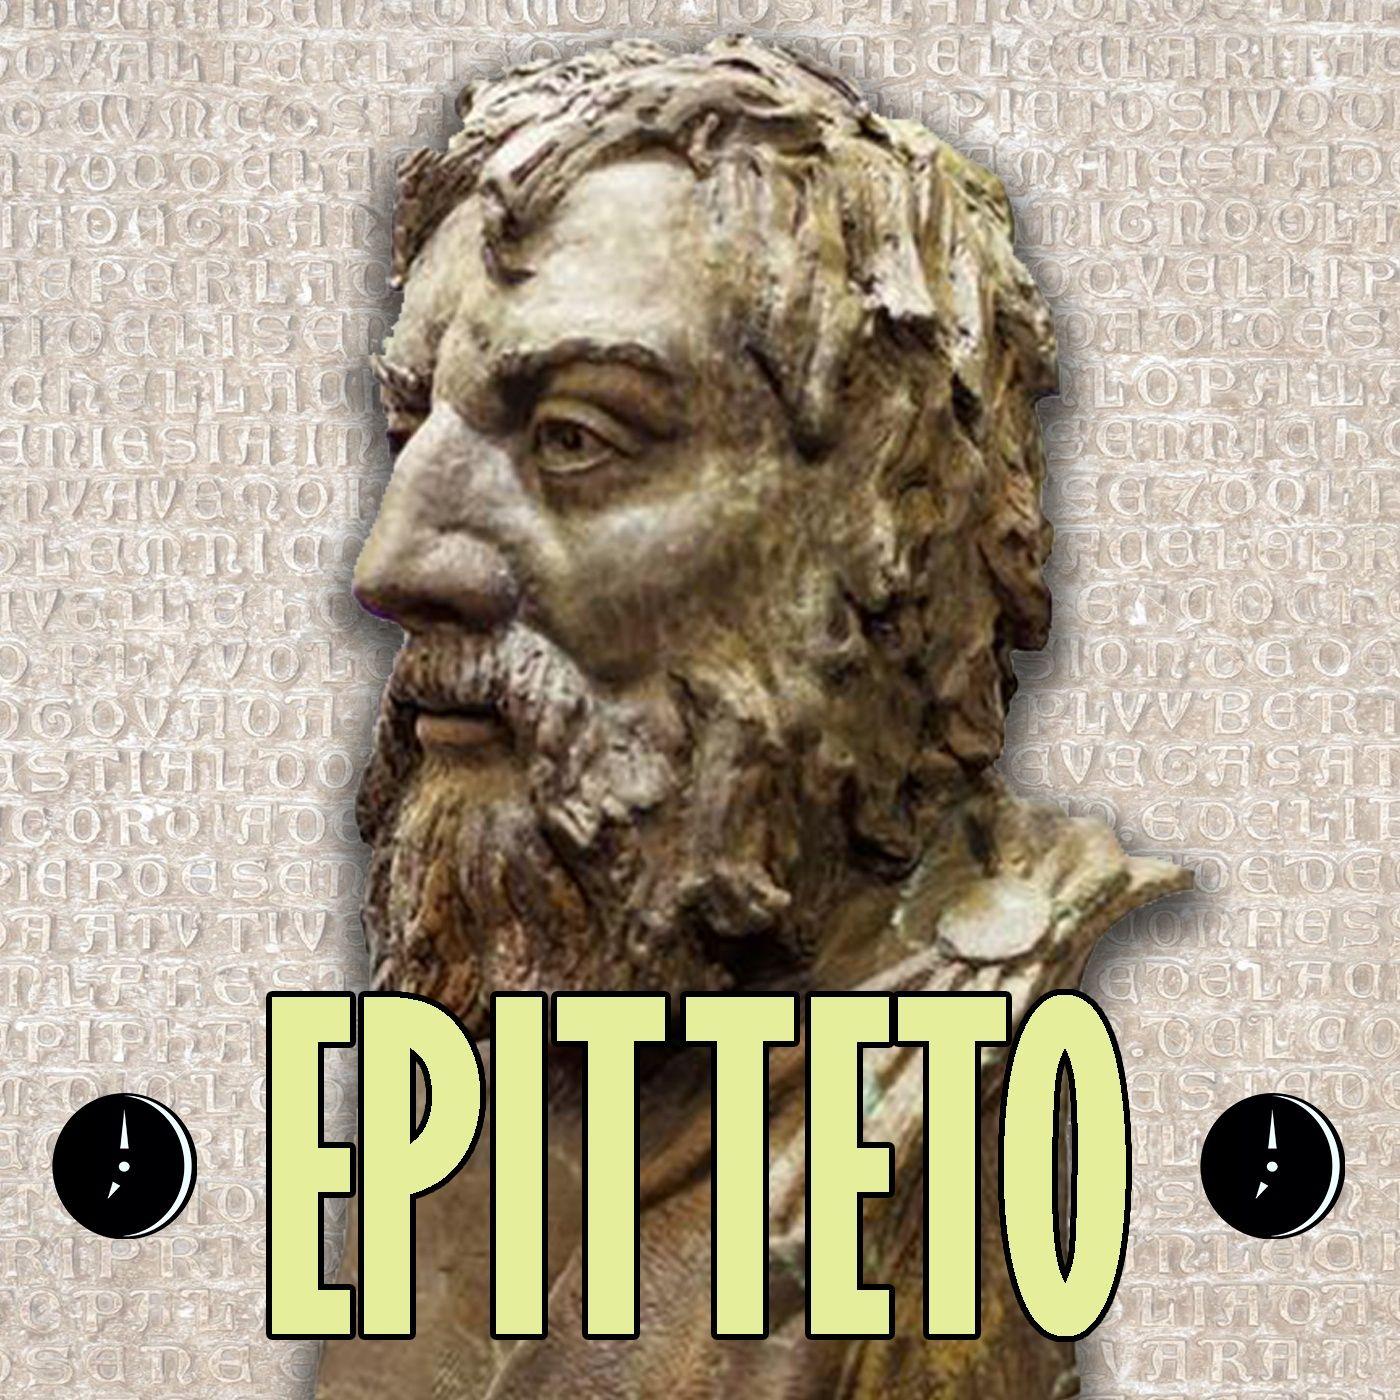 Monografia su EPITTETO